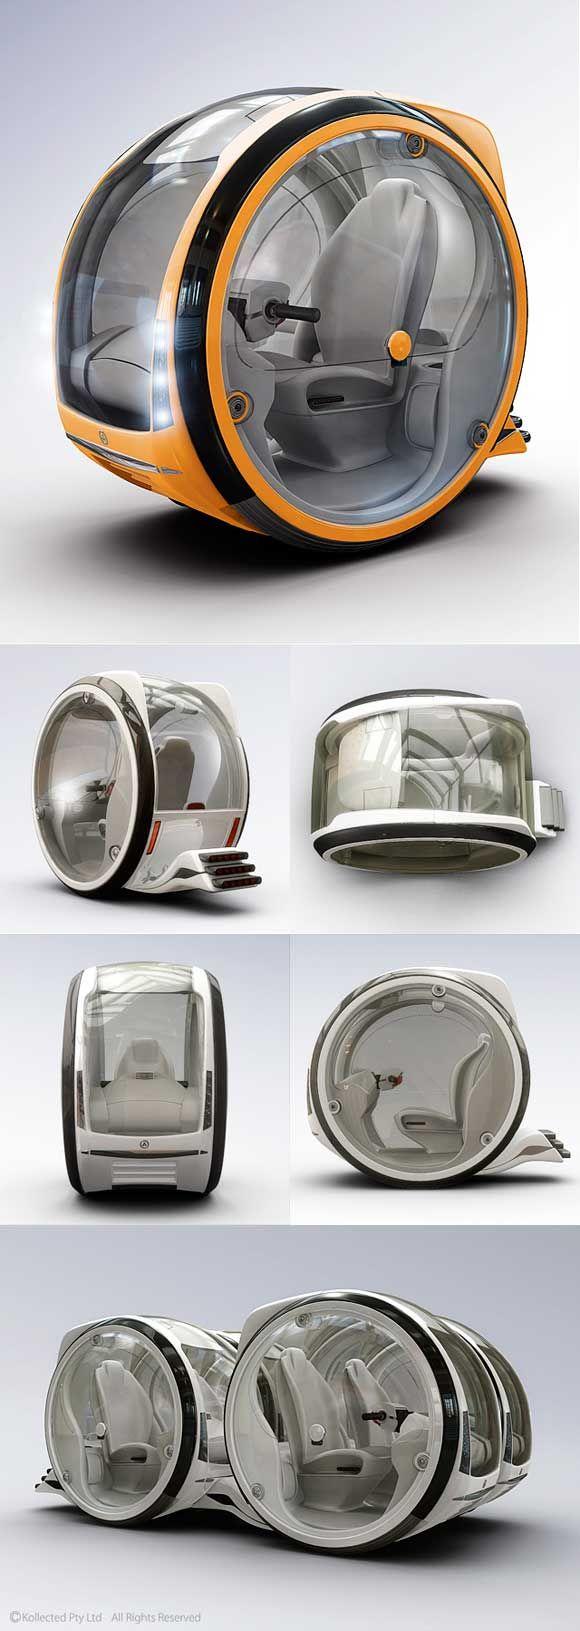 NK-futuristic-3d-renderings_Snap